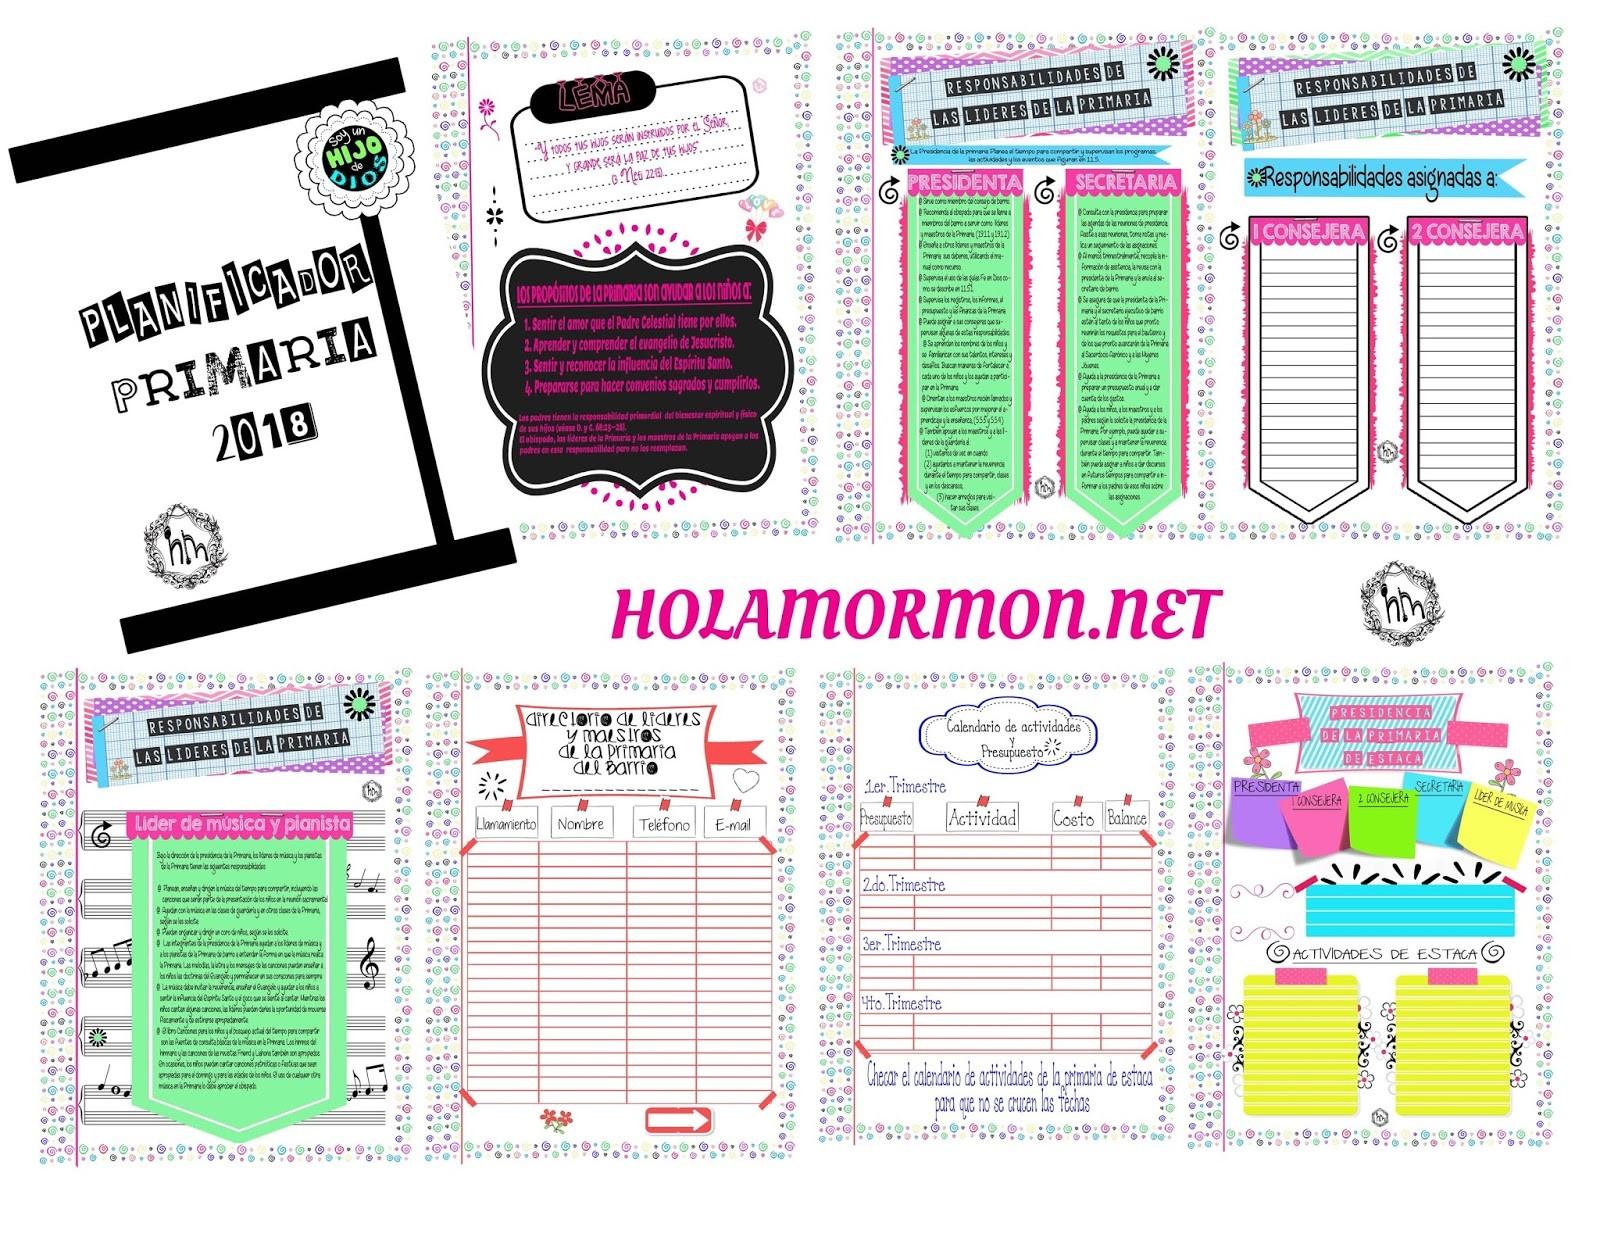 Calendario Mes De Abril Para Imprimir 2019 Más Populares Holamormon3 Primaria Lds Sud 2018